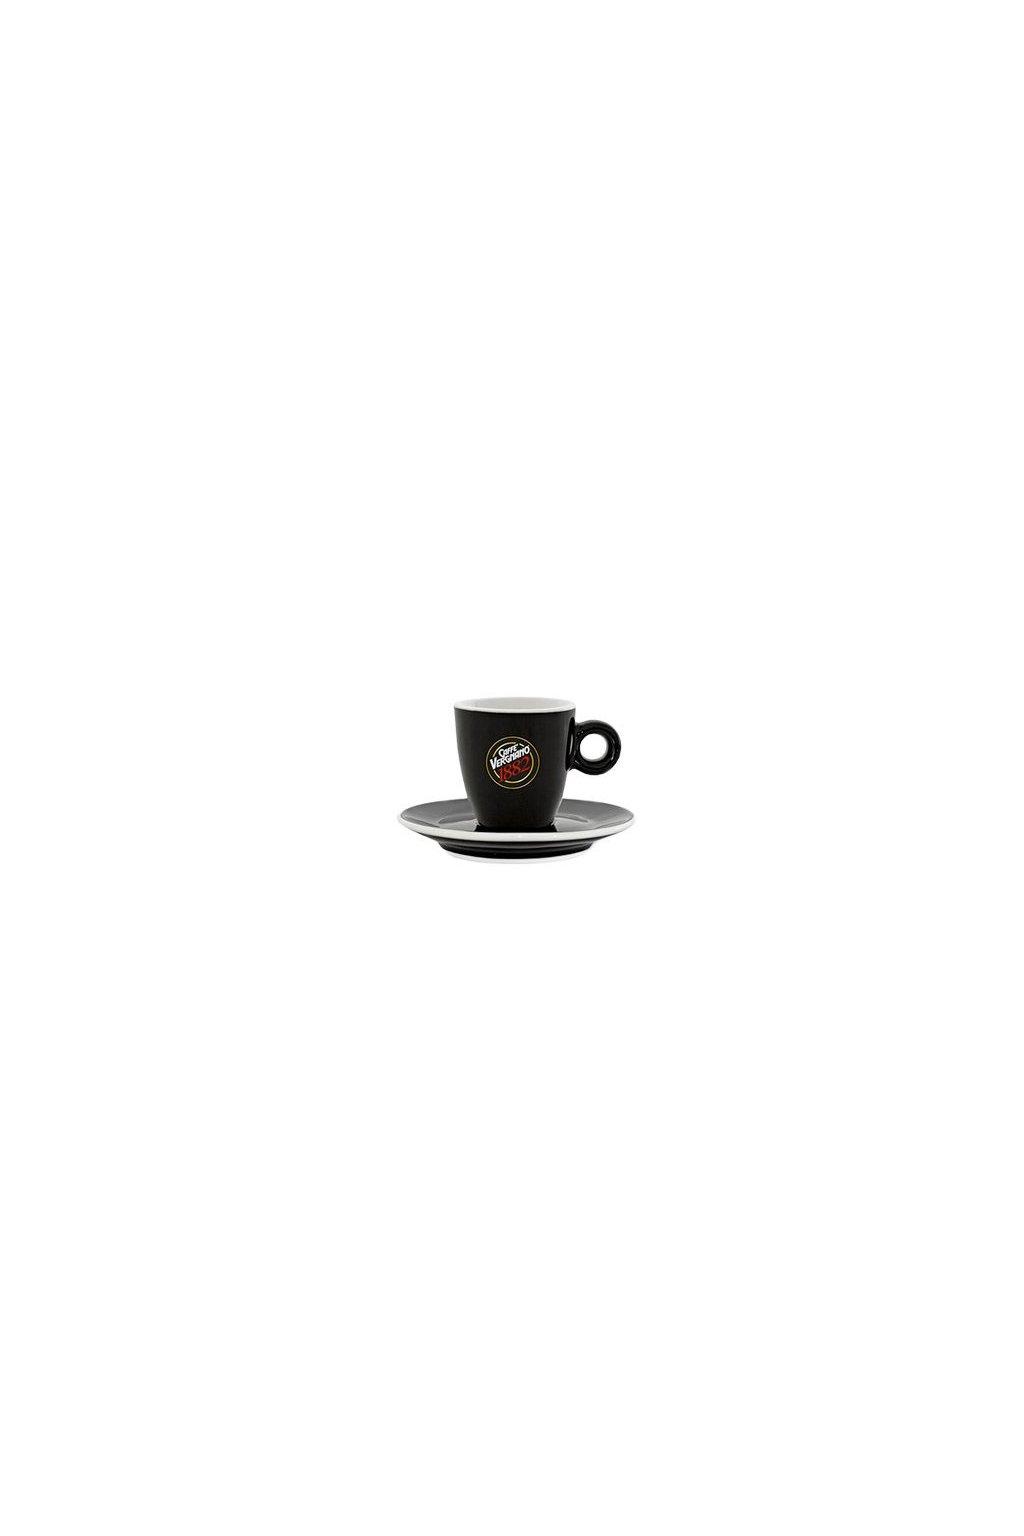 linea 1882 tazzina espresso e1493732517423